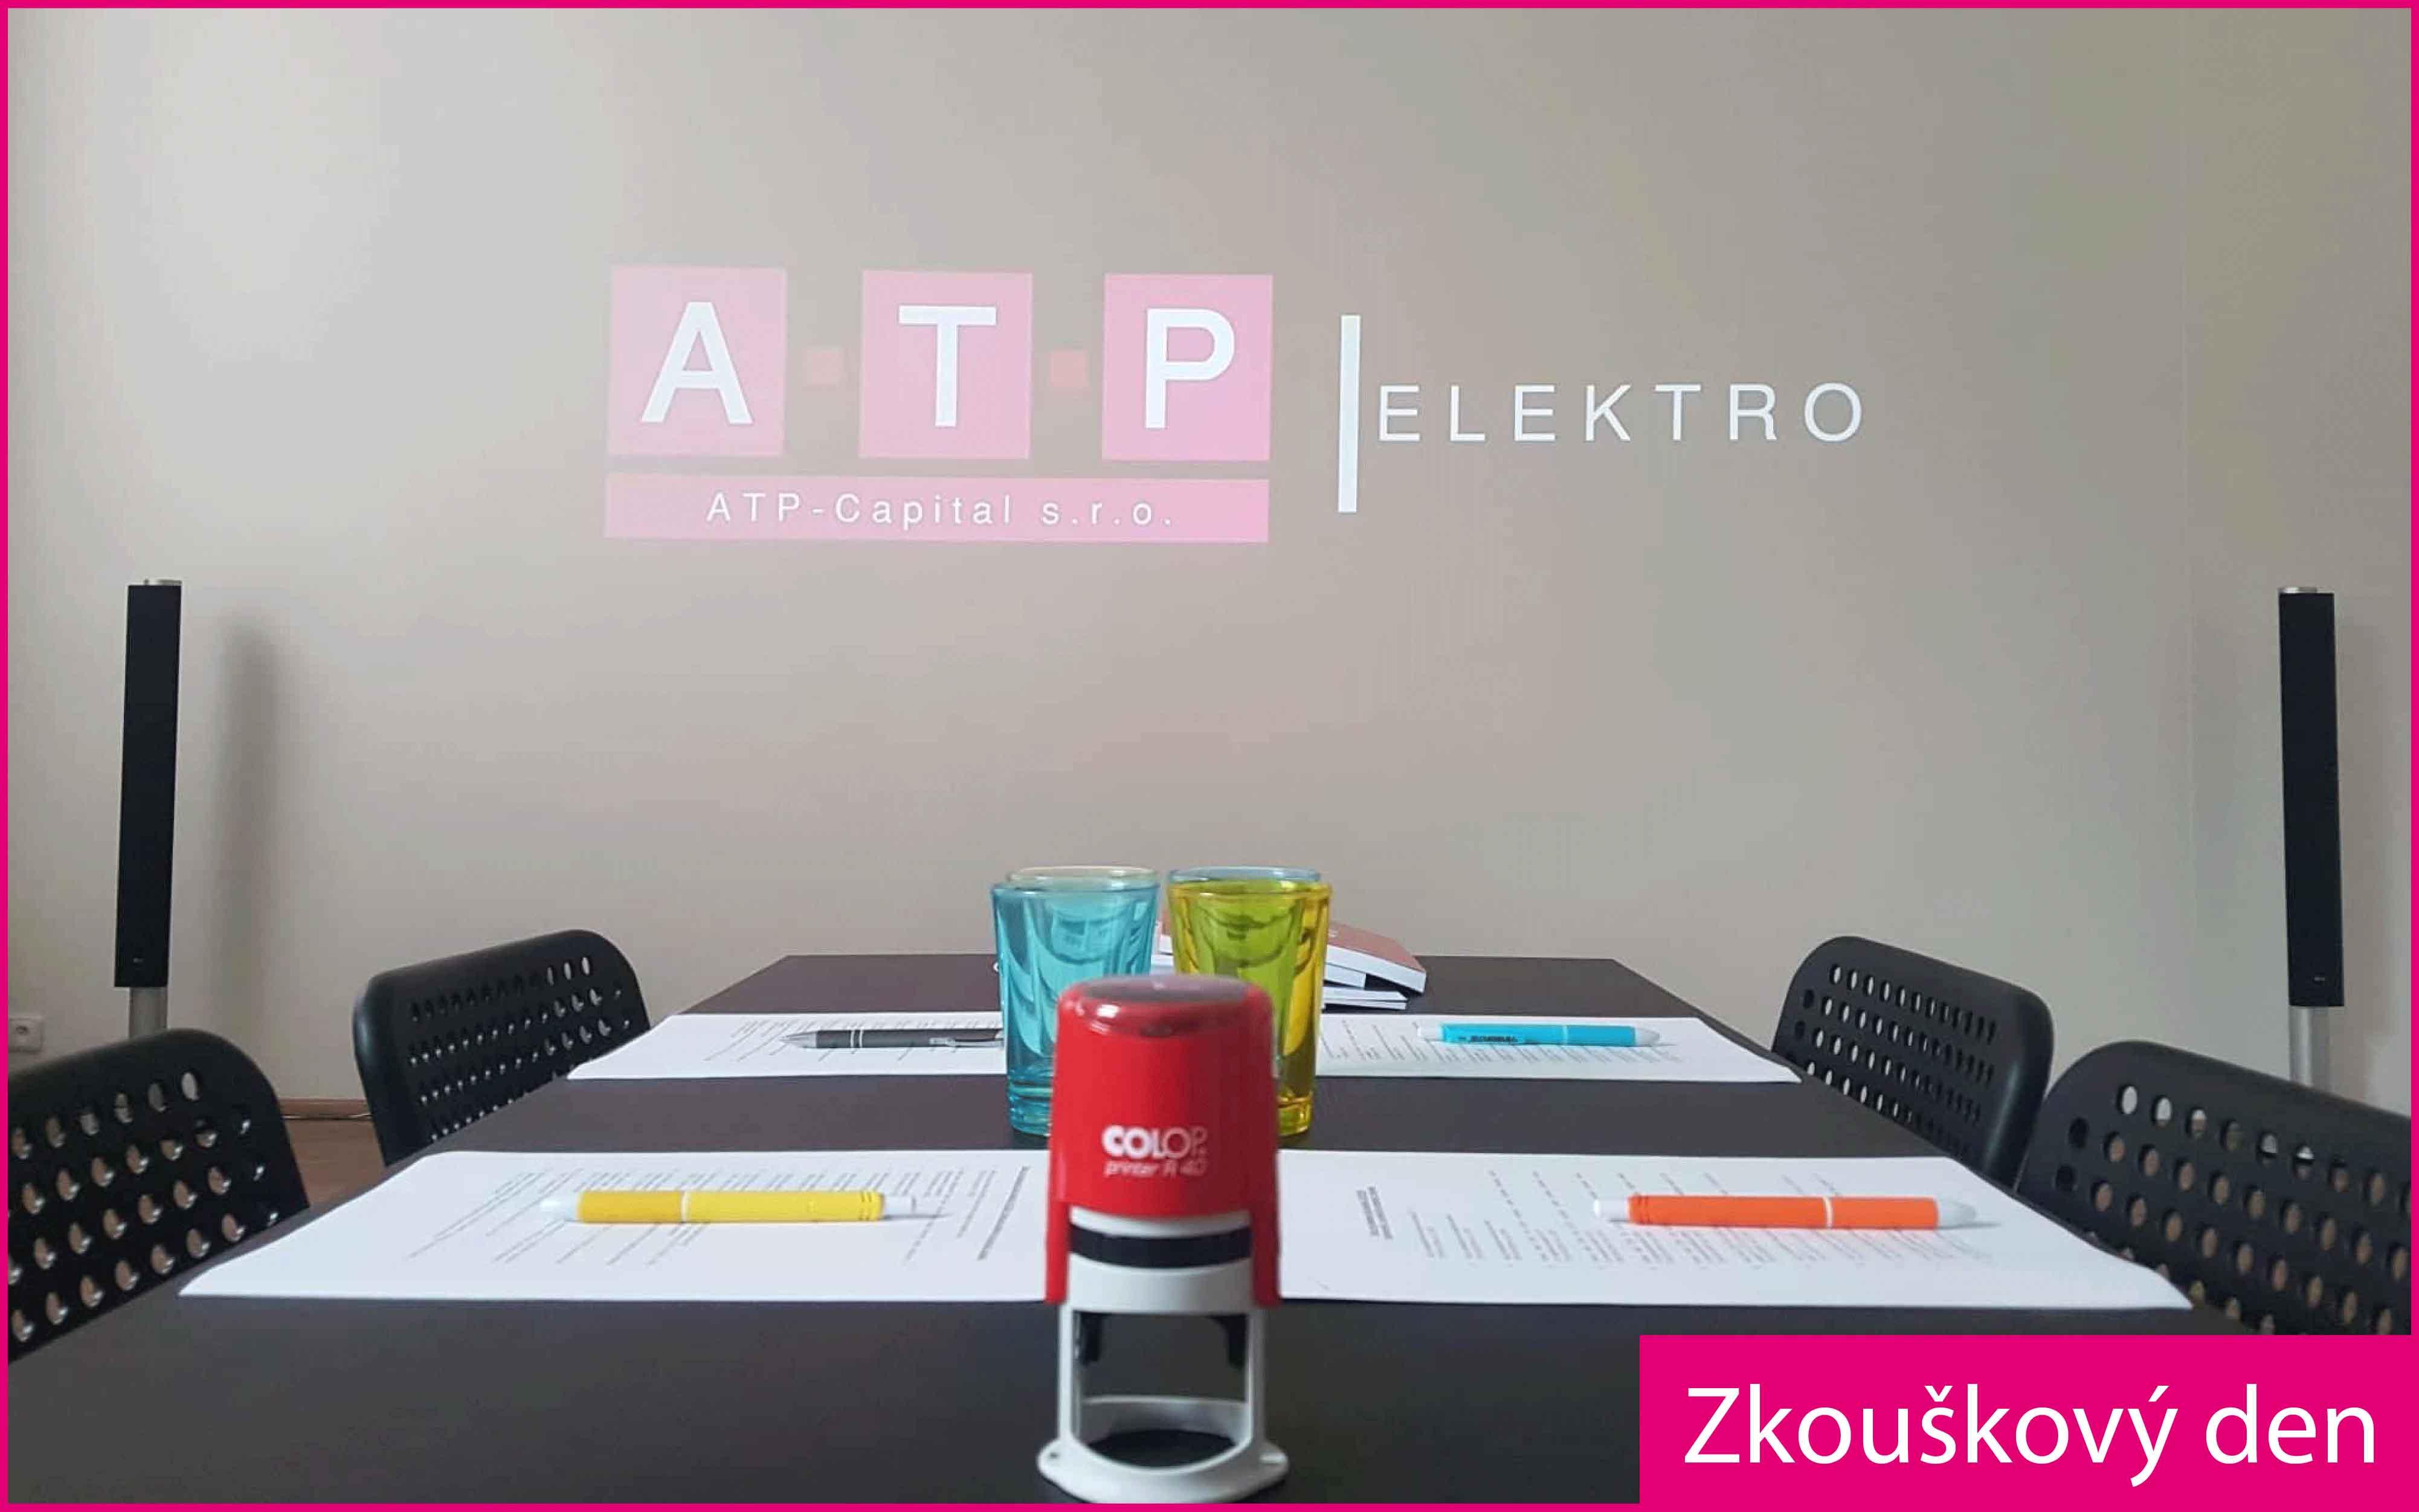 ATP-Elektro - prezentace dle vyhlášky 50